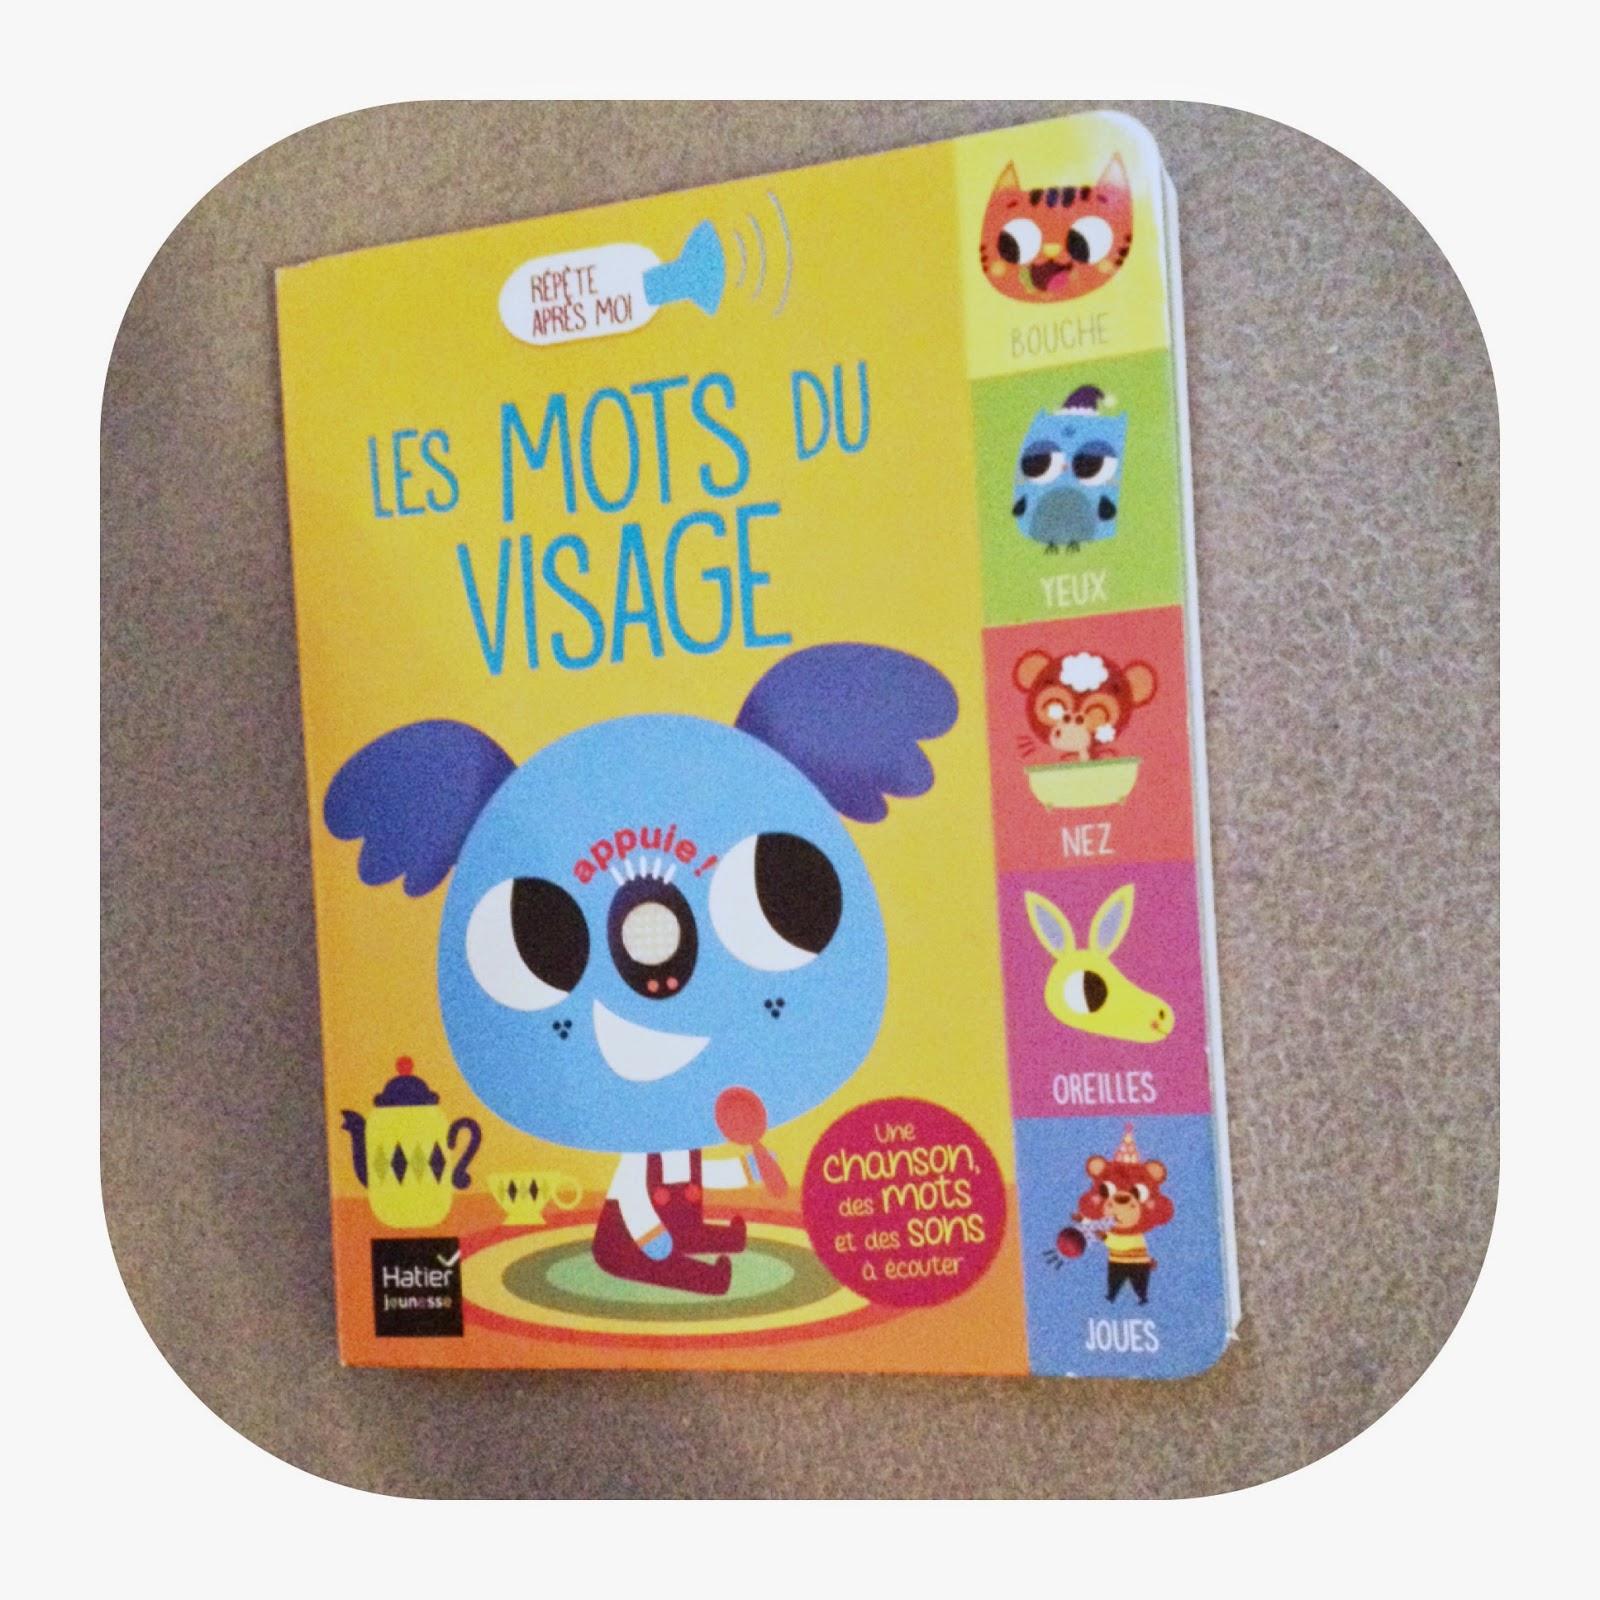 Chez Madame tout Dictionnaire Des Mots Croisés Gator